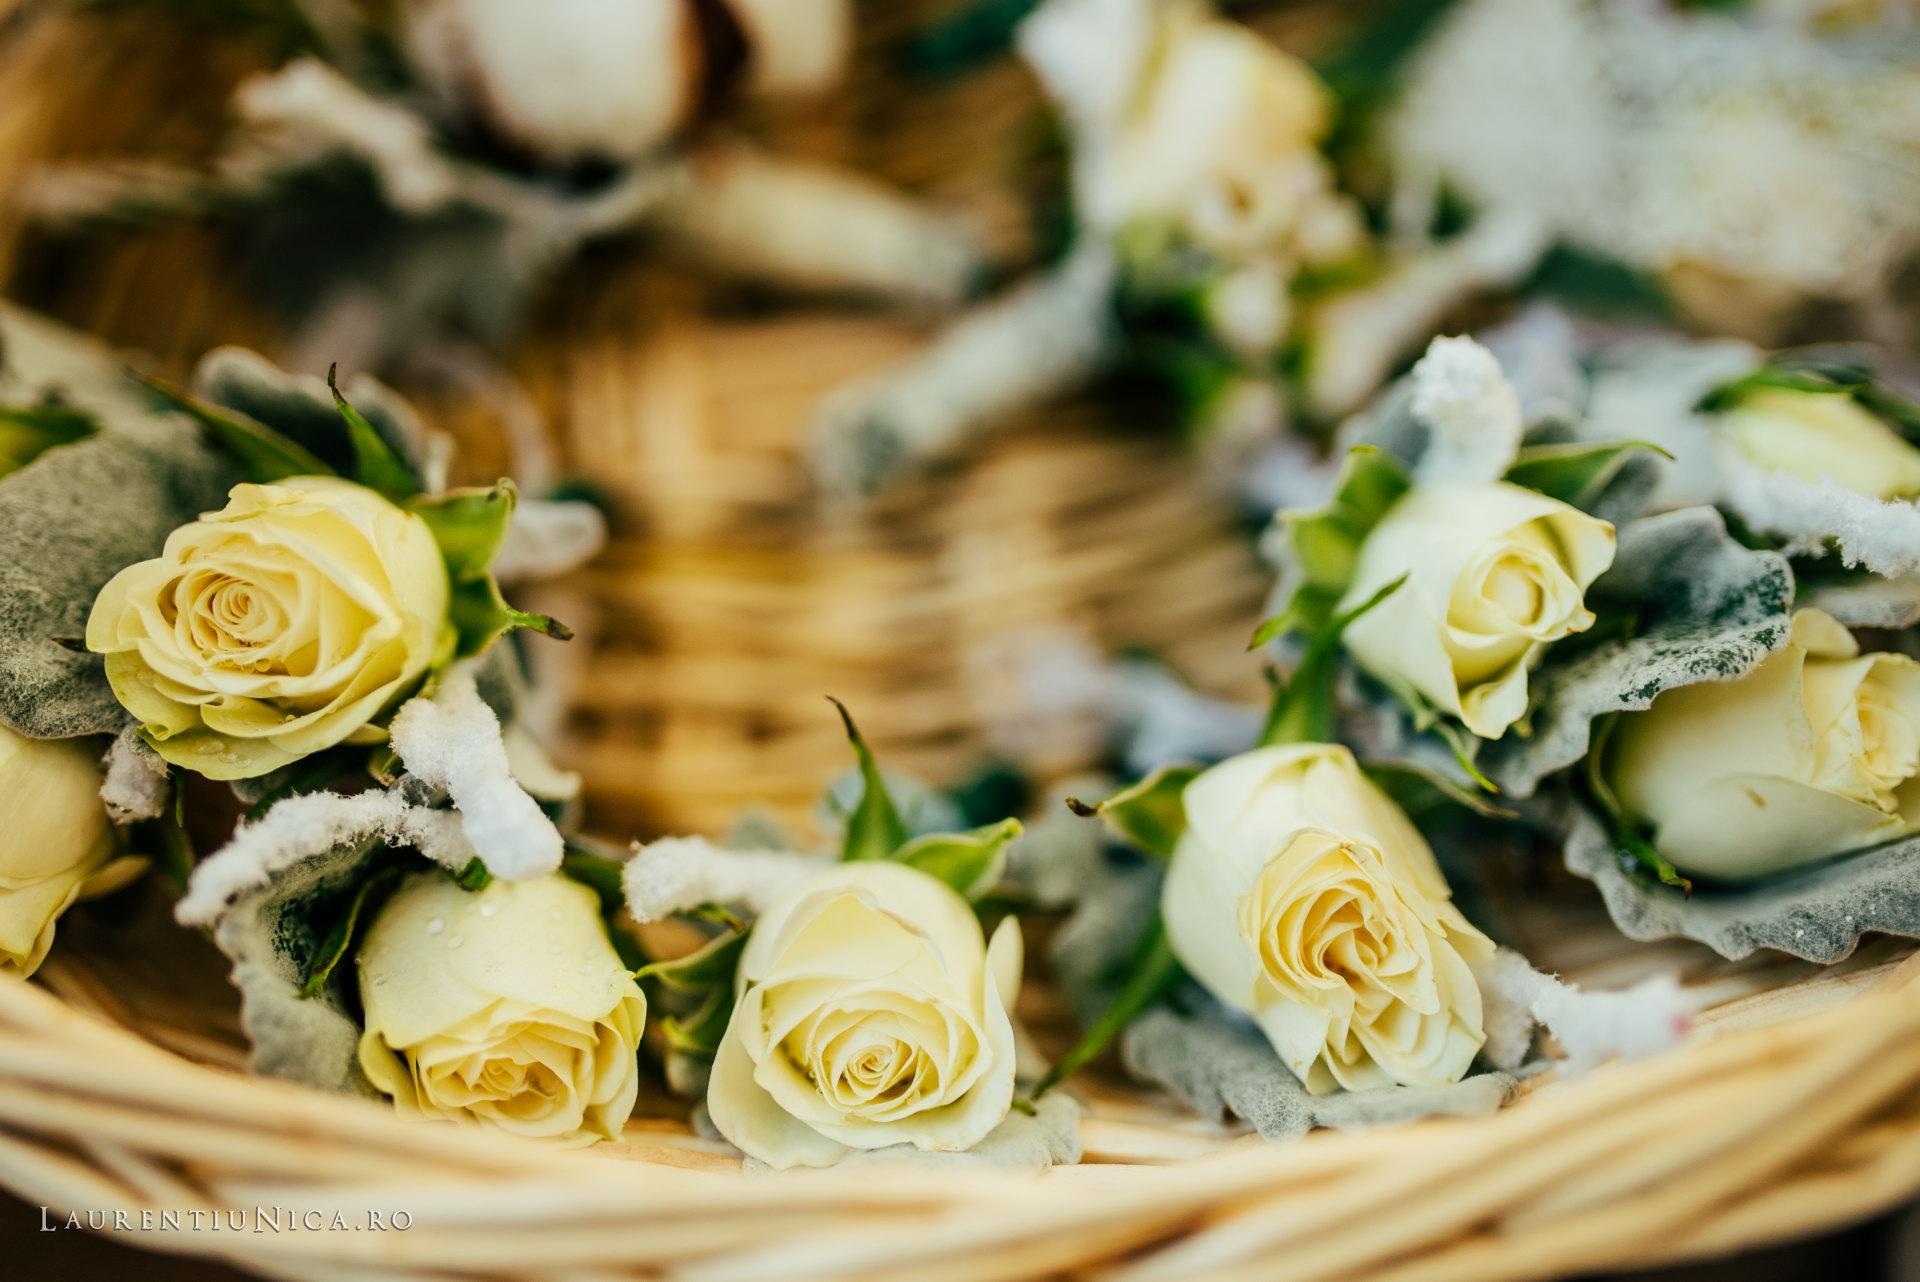 daniela si marius fotografii nunta craiova laurentiu nica02 - Daniela & Marius | Fotografii nunta